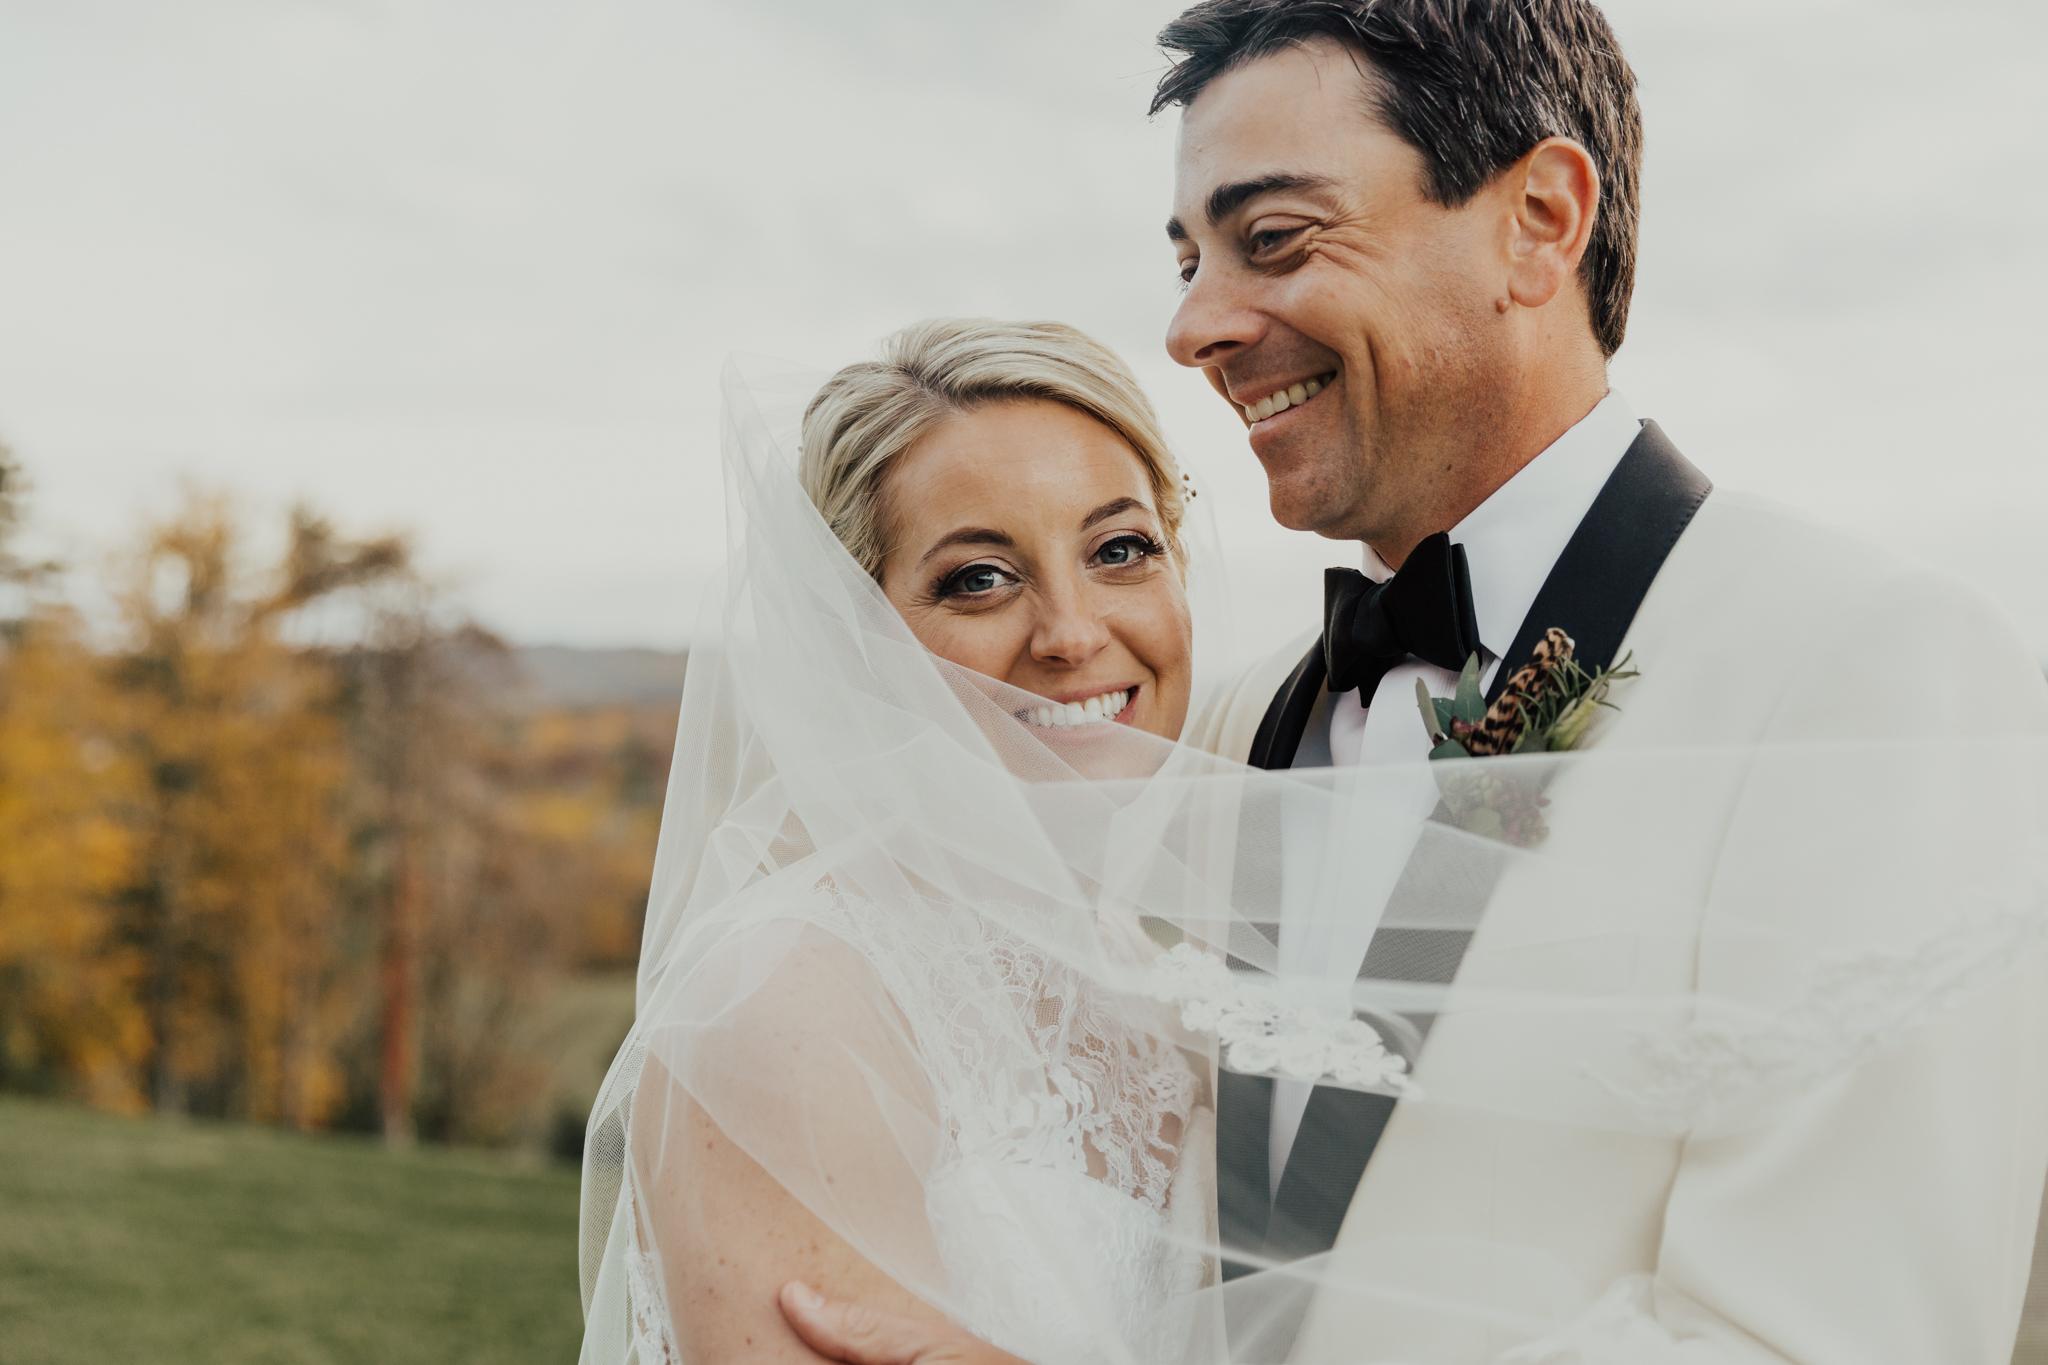 romantic wedding photography ny